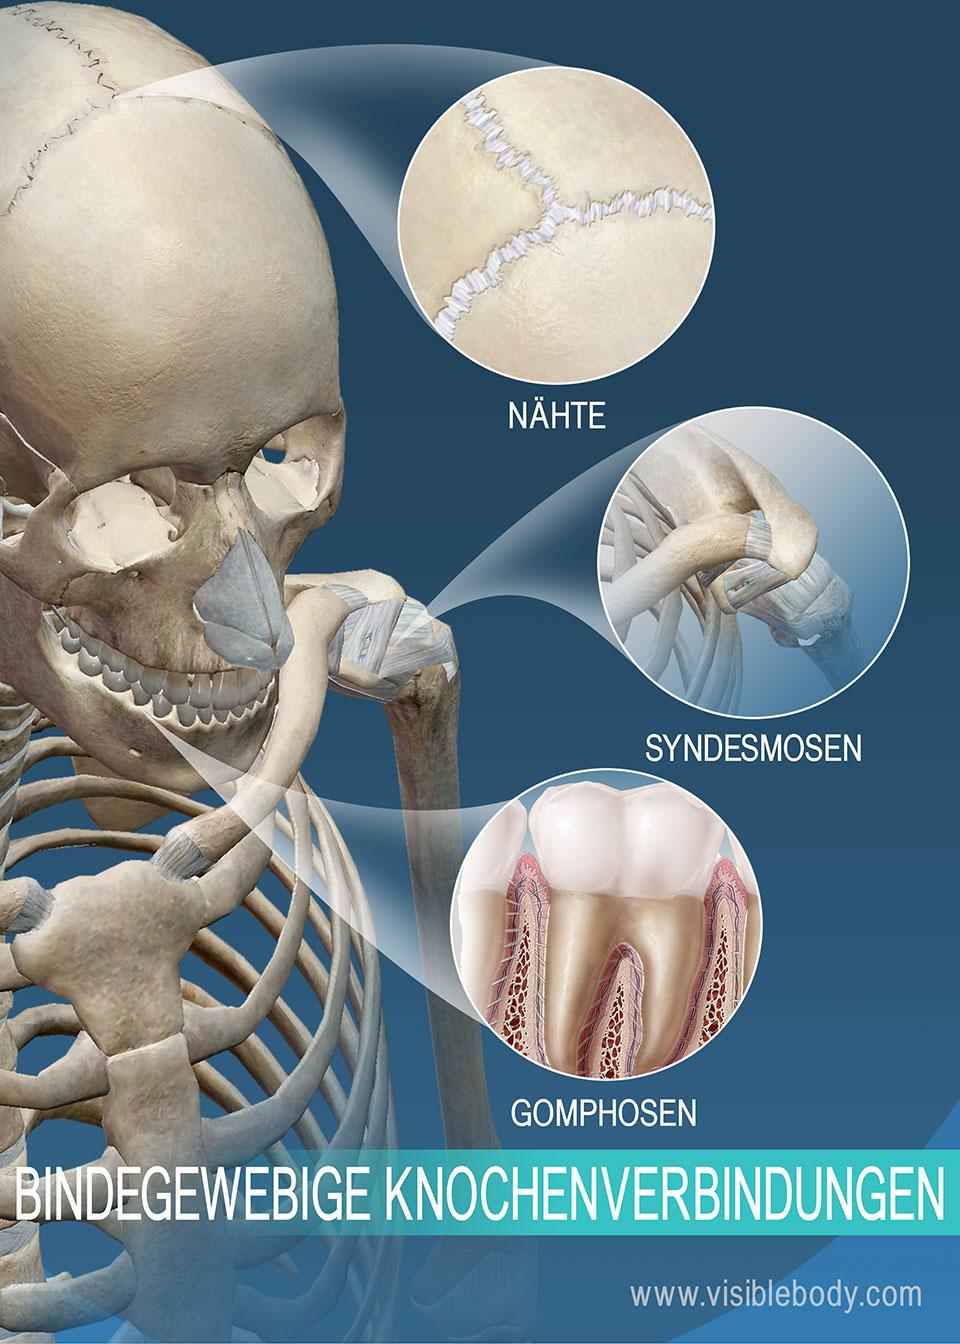 Nähte, Syndesmosen und Gomphosen: Fasergelenke